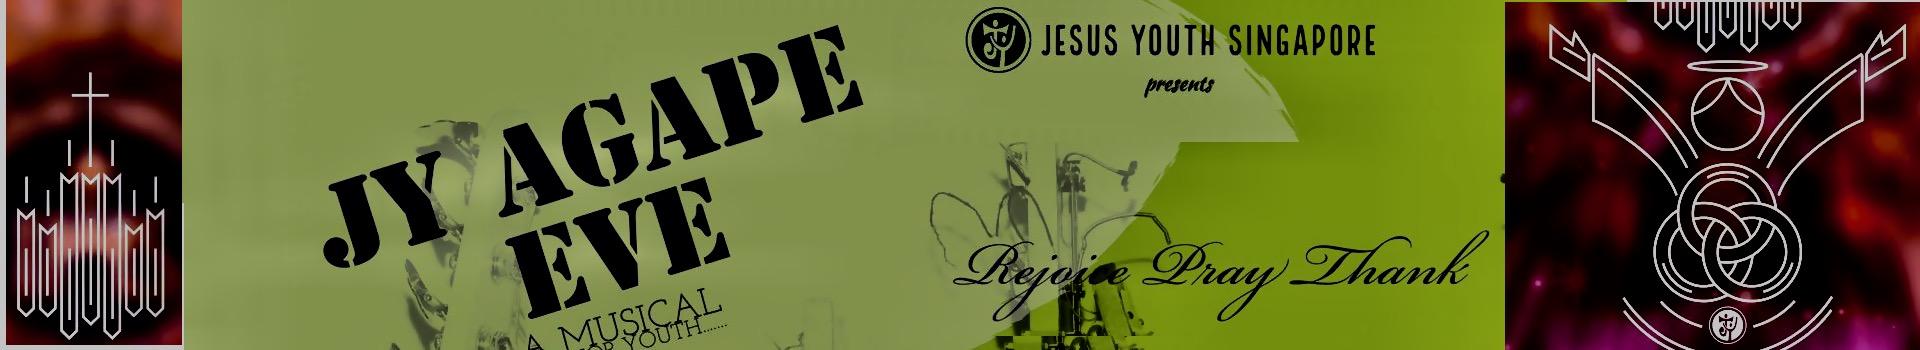 Jesus Youth Singapore